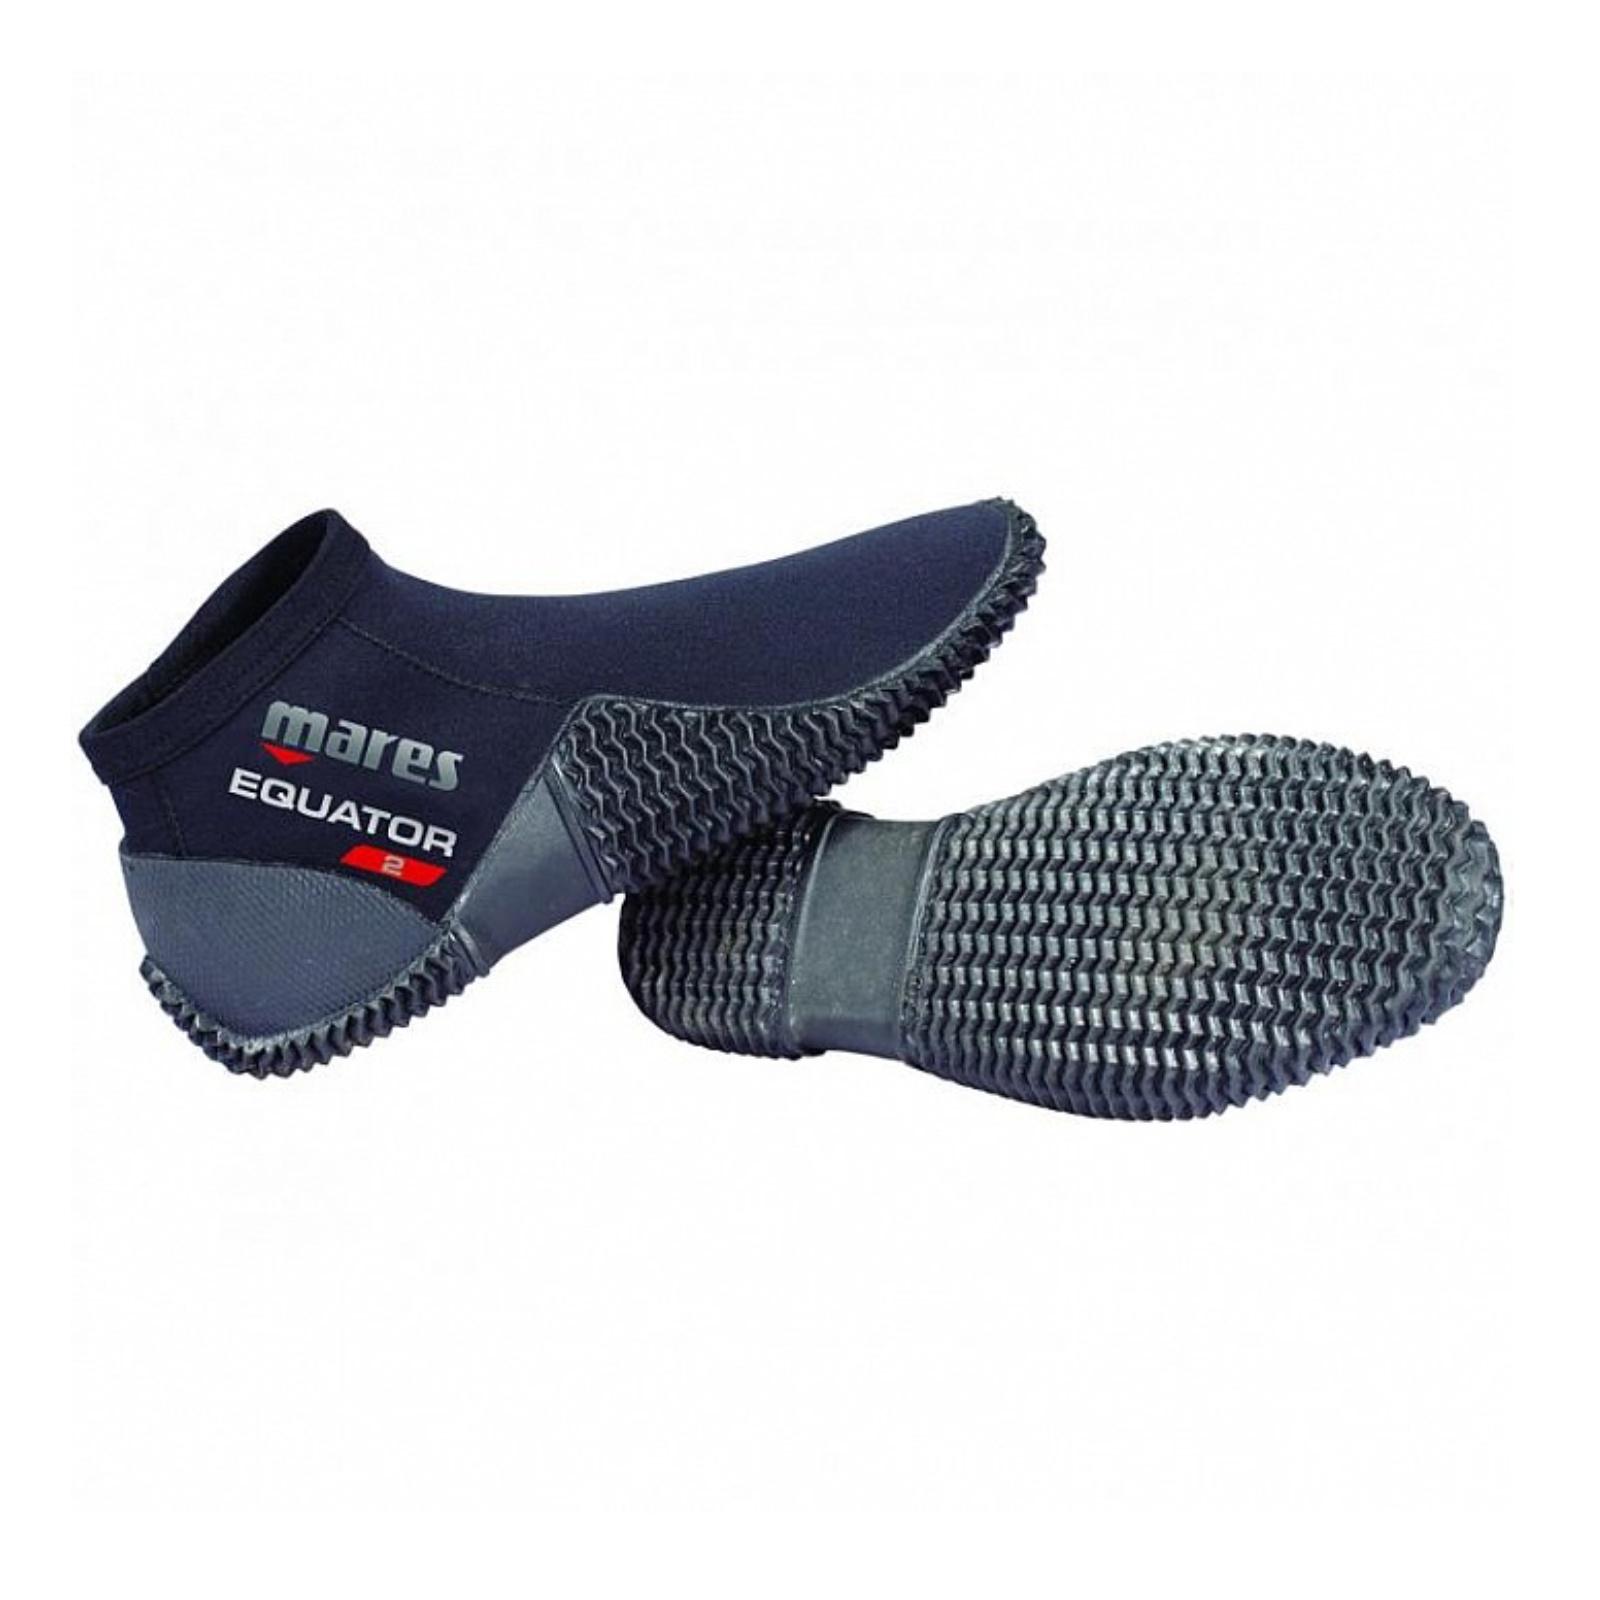 Neoprenové boty MARES Equator 2,5 mm - vel. 36